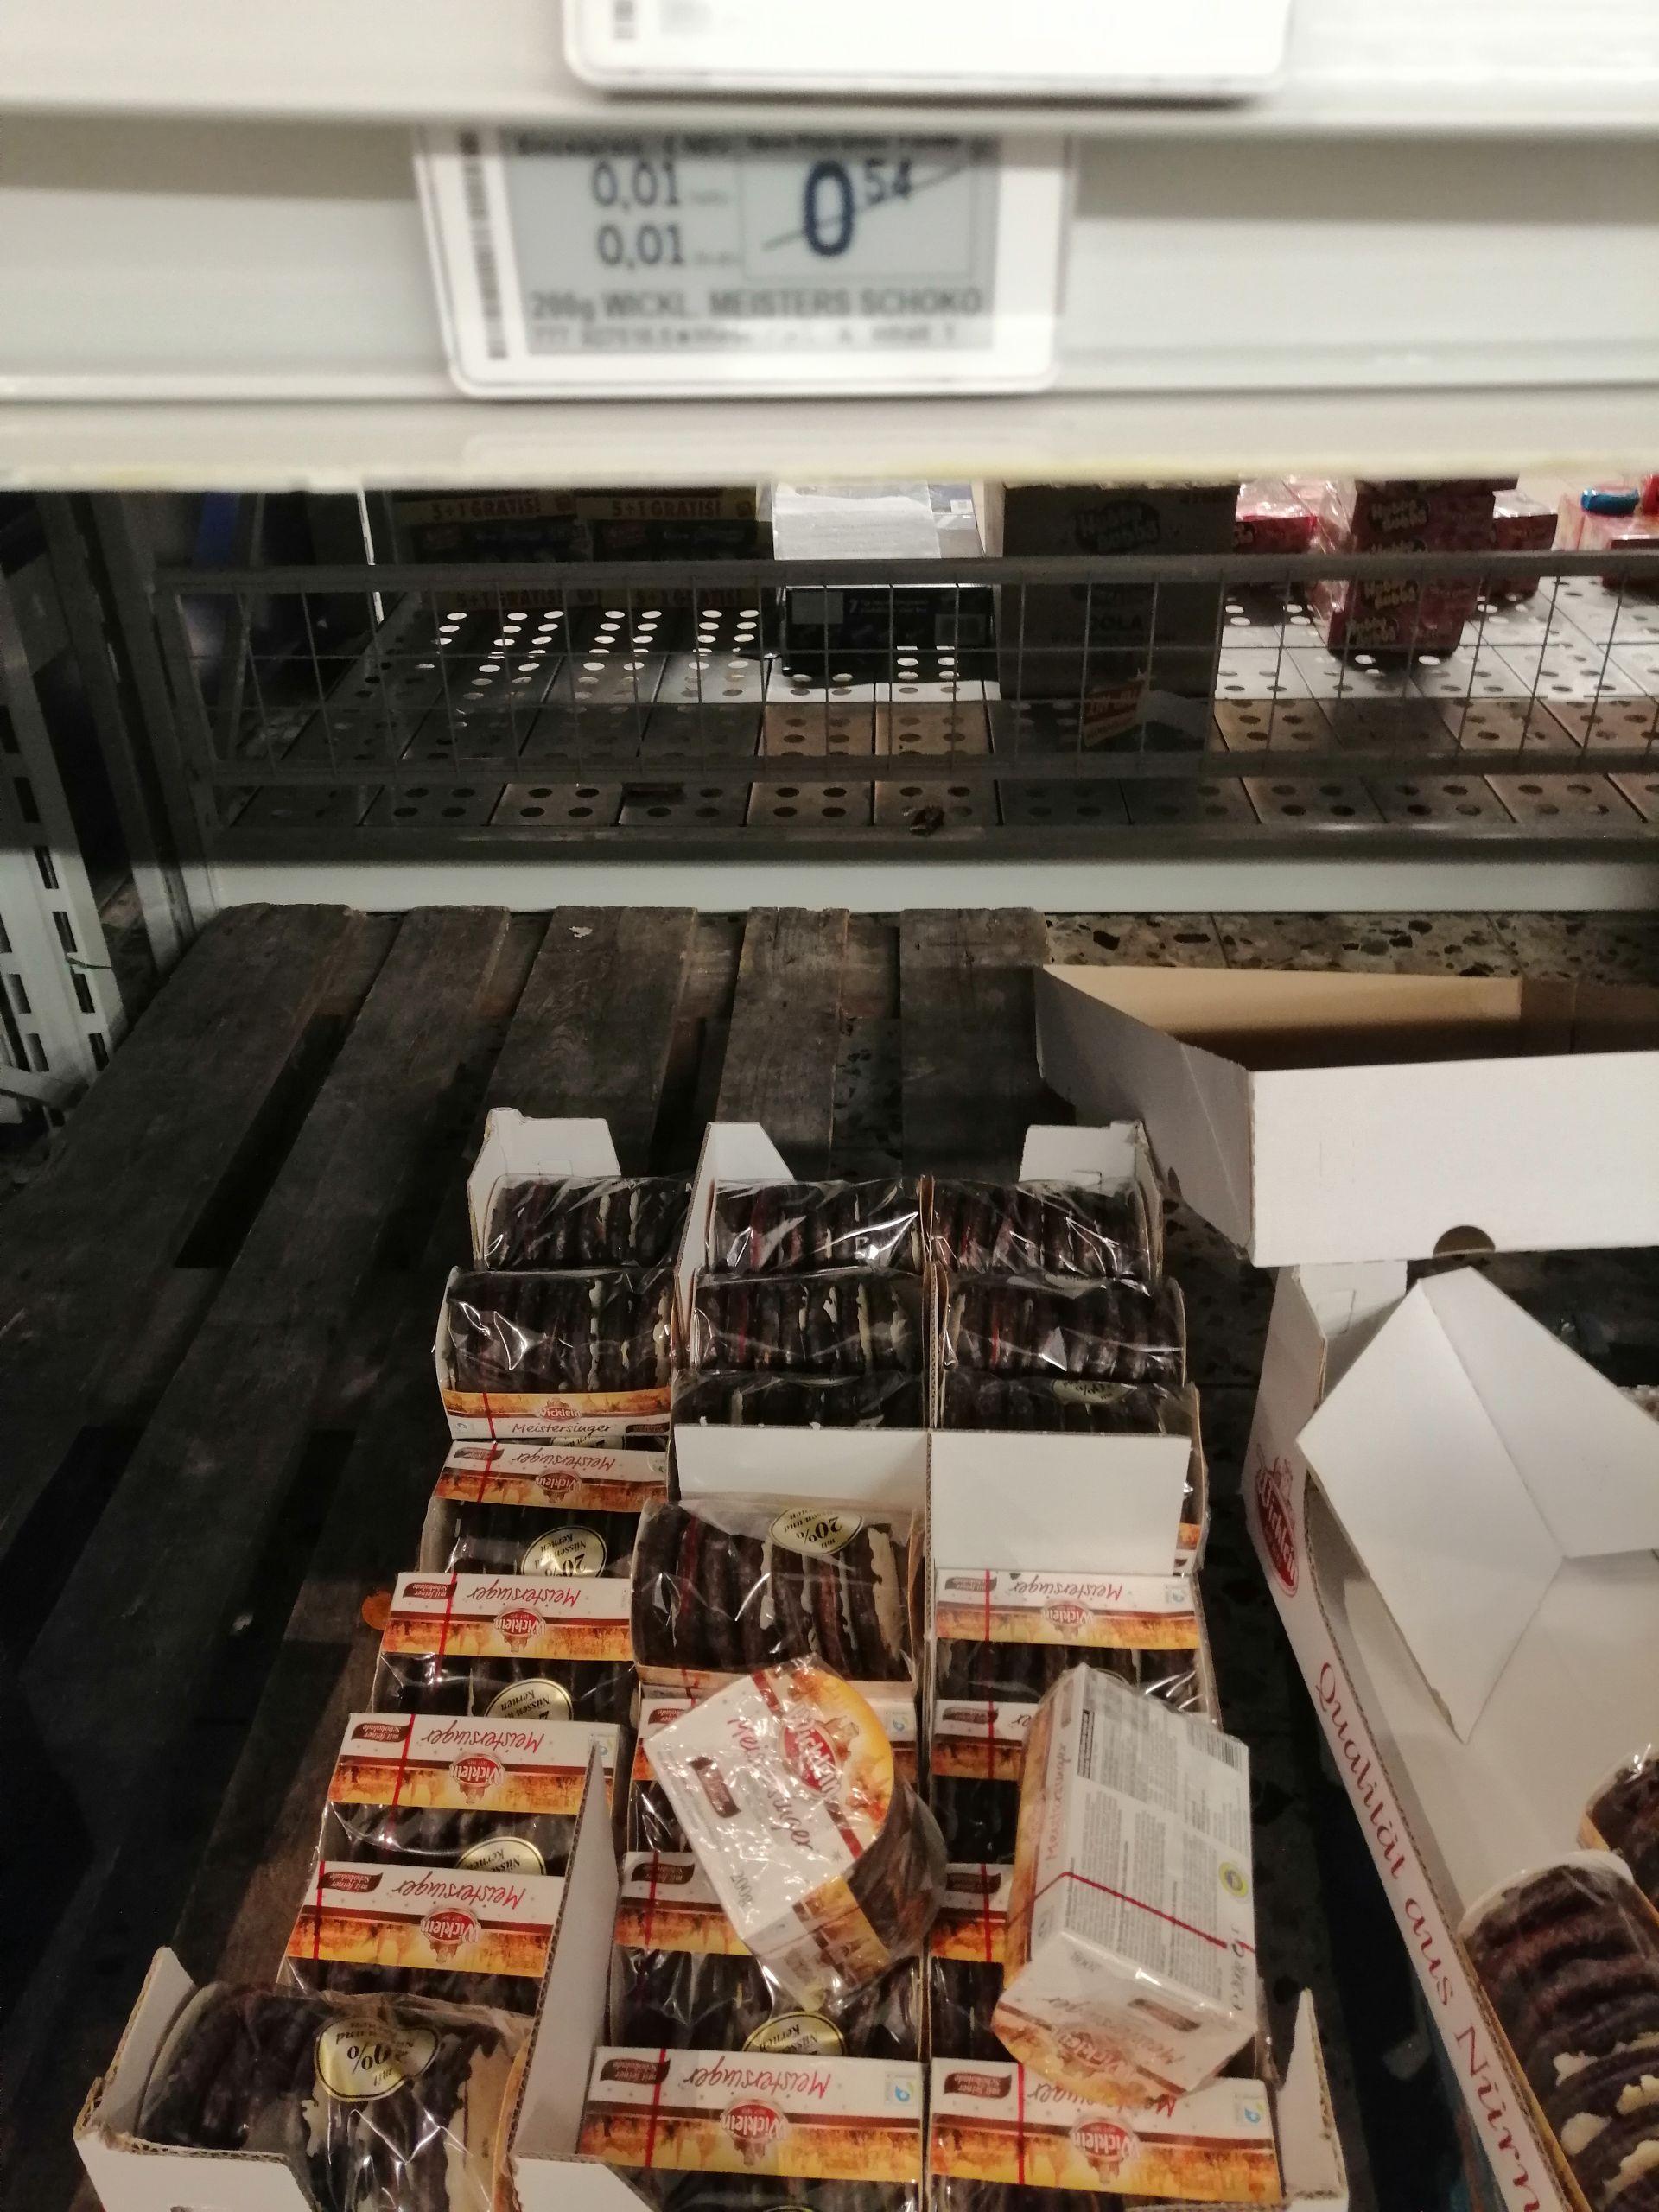 Lebkuchen für 0,01€ bei Metro Köln [Lokal]